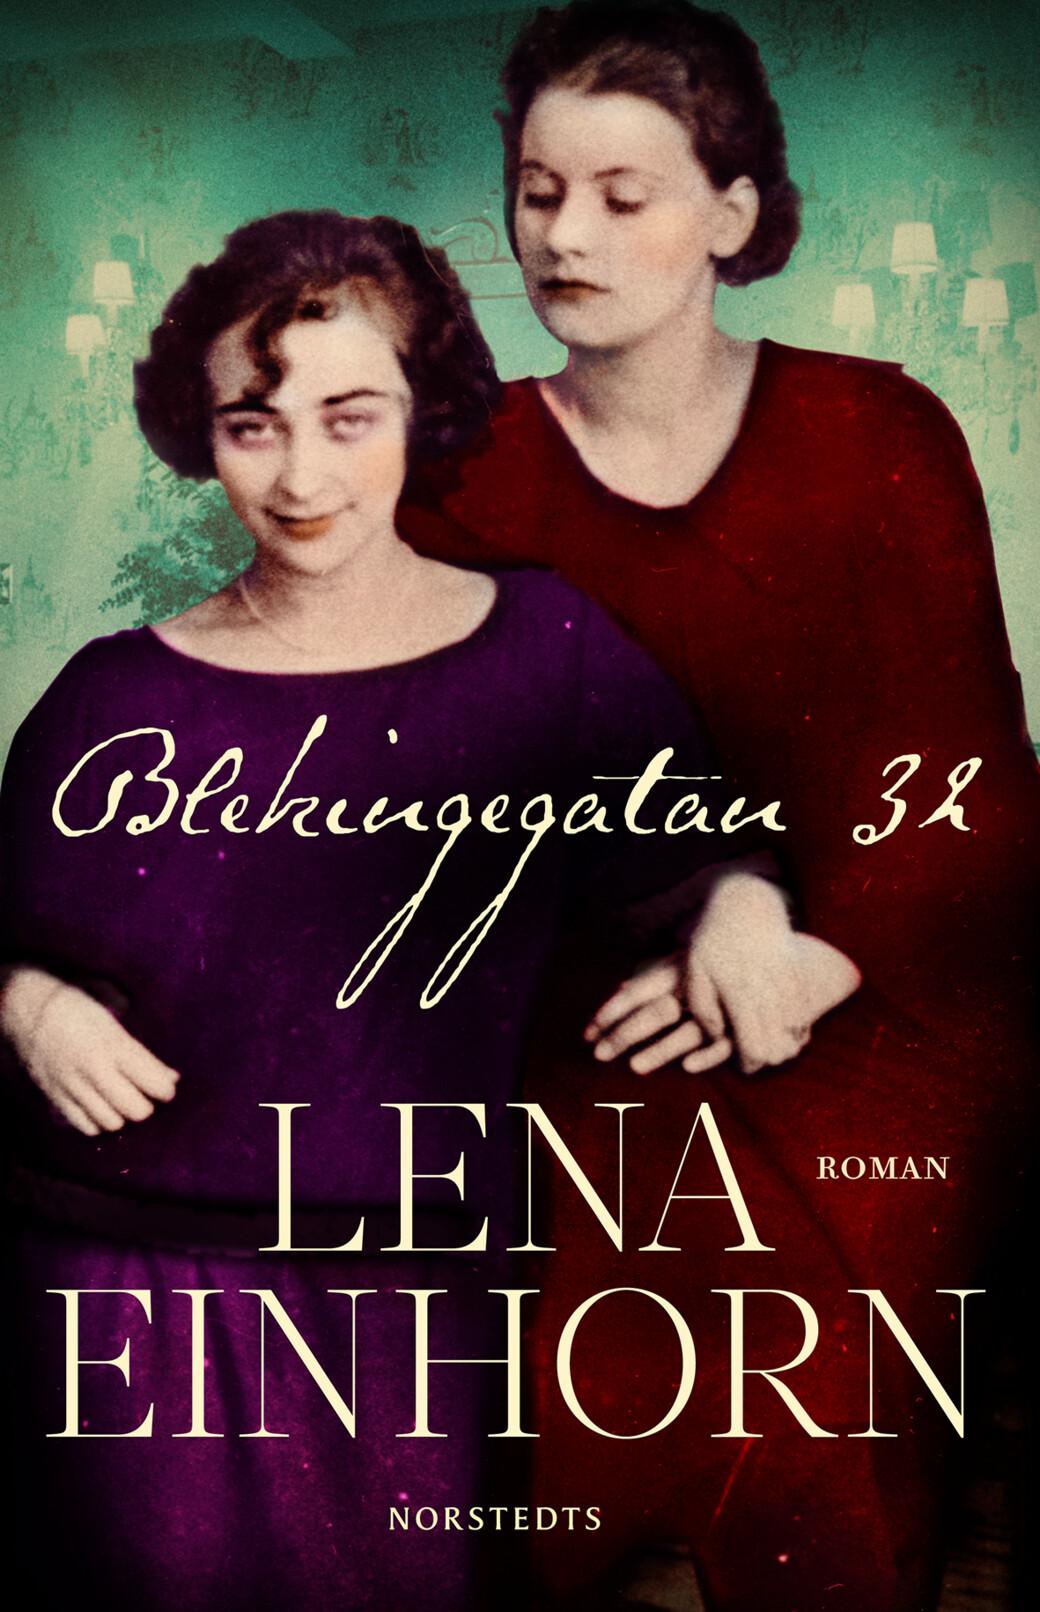 Blekingegatan 32, Lena Einhorn